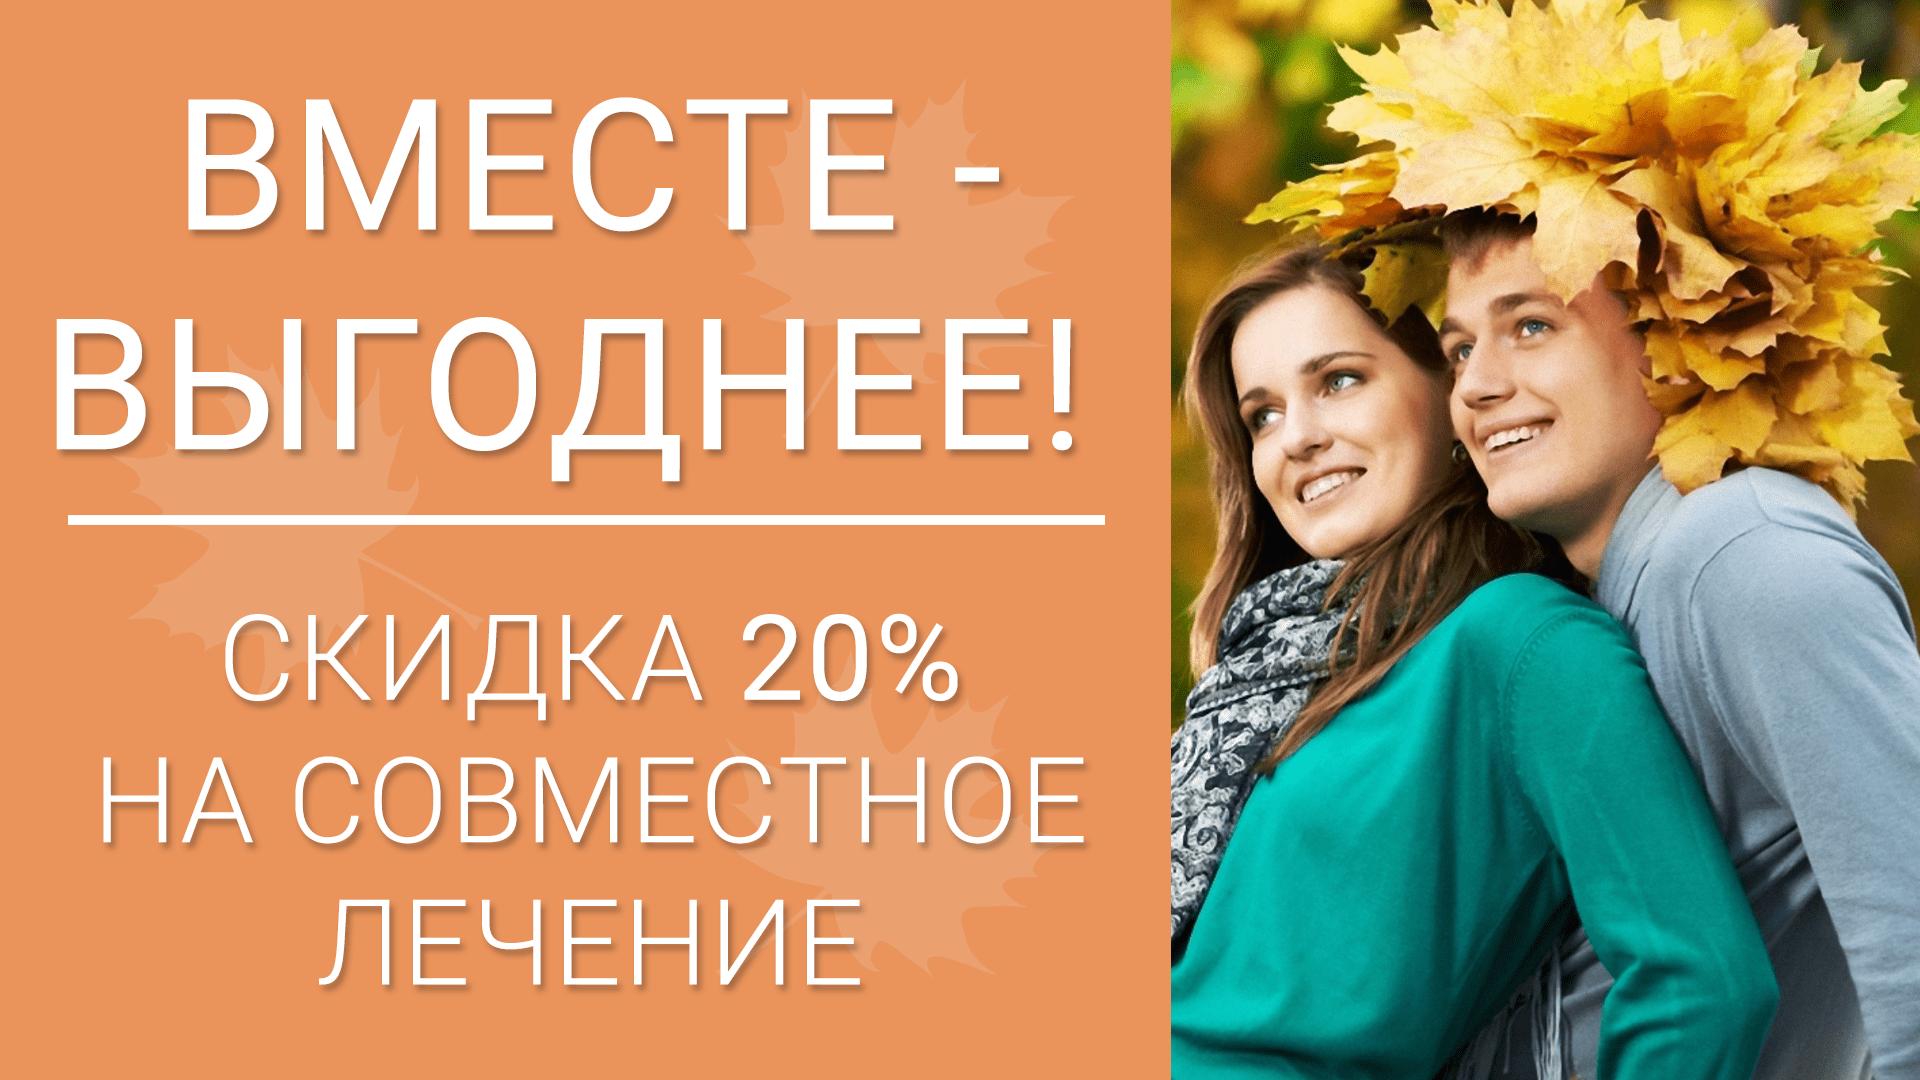 Скидки до 20% на совместное лечение в октябре!